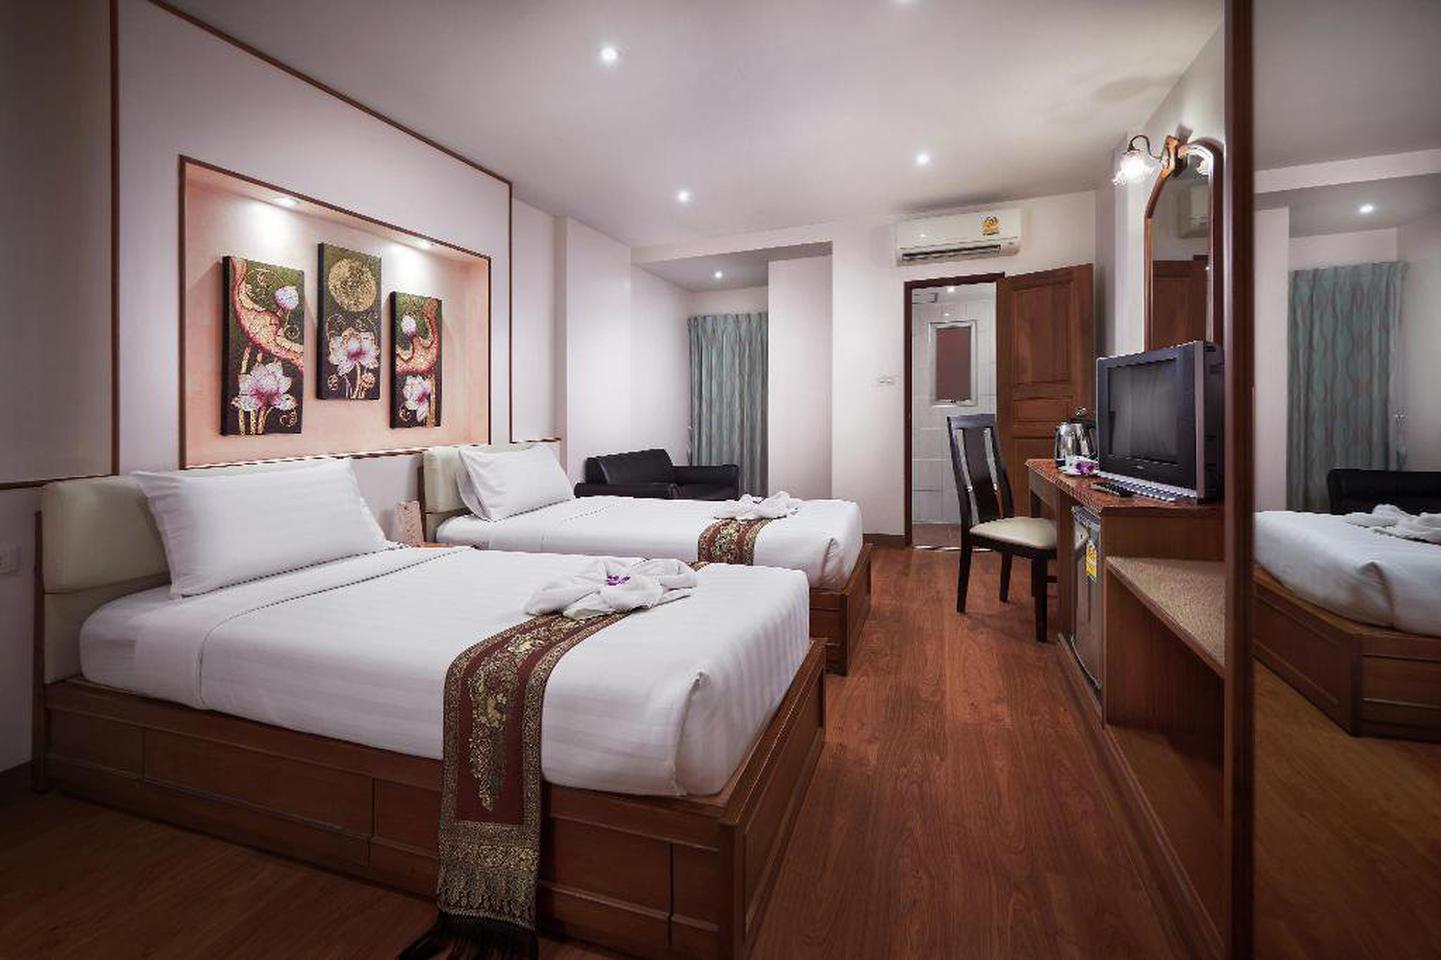 โรงแรมเคซี เพลส ประตูน้ำ (KC Place Hotel Pratunam) รูปที่ 2